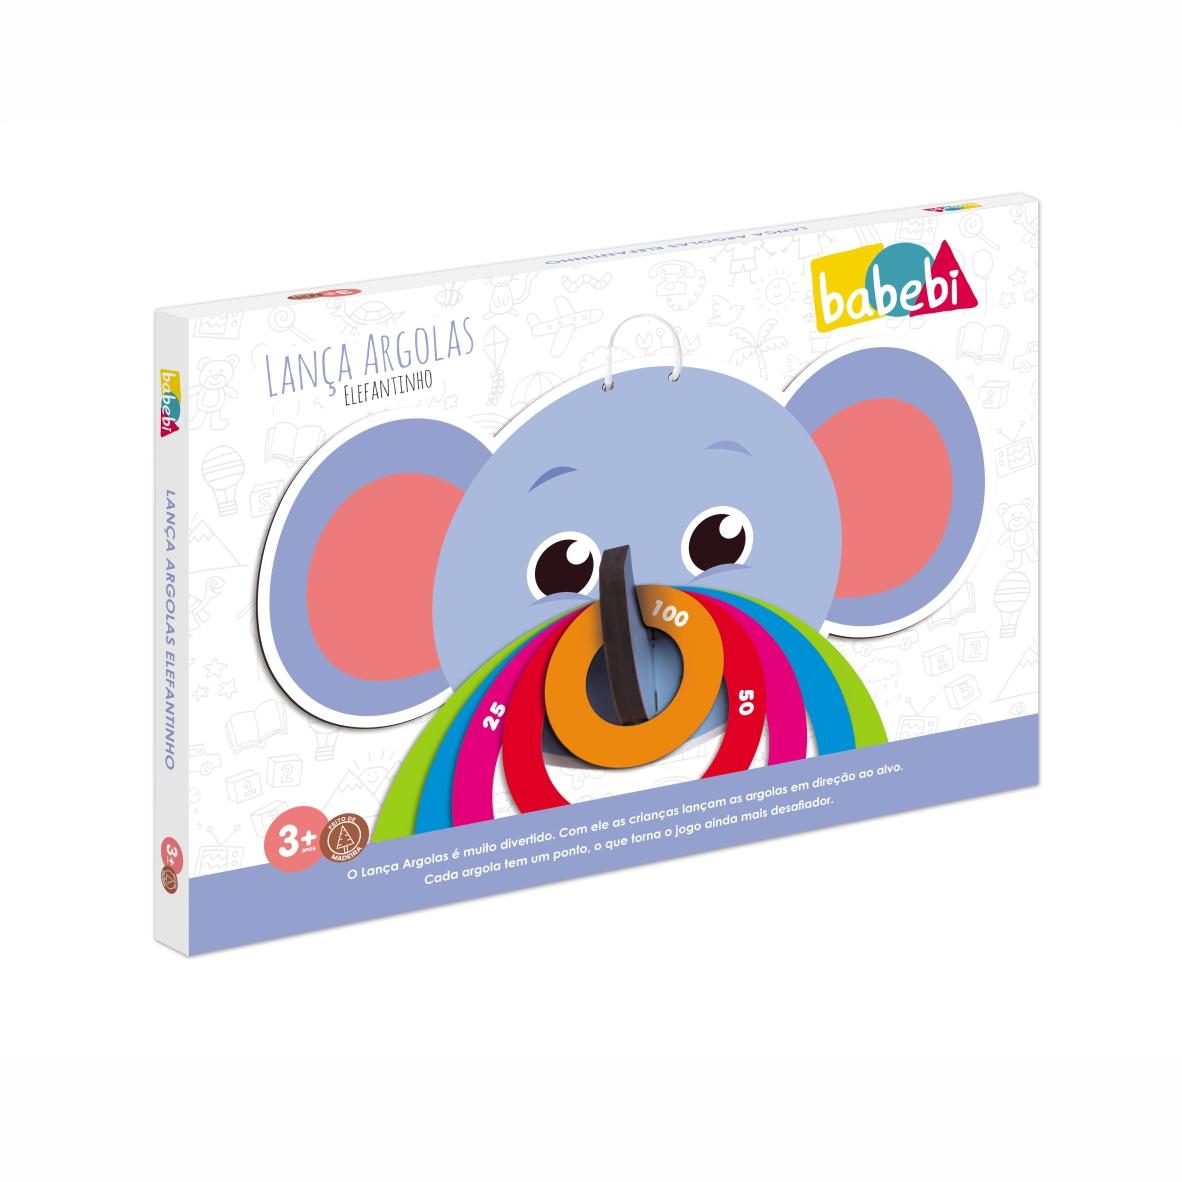 brinquedo-lanca-argola-elefantinho-babebi